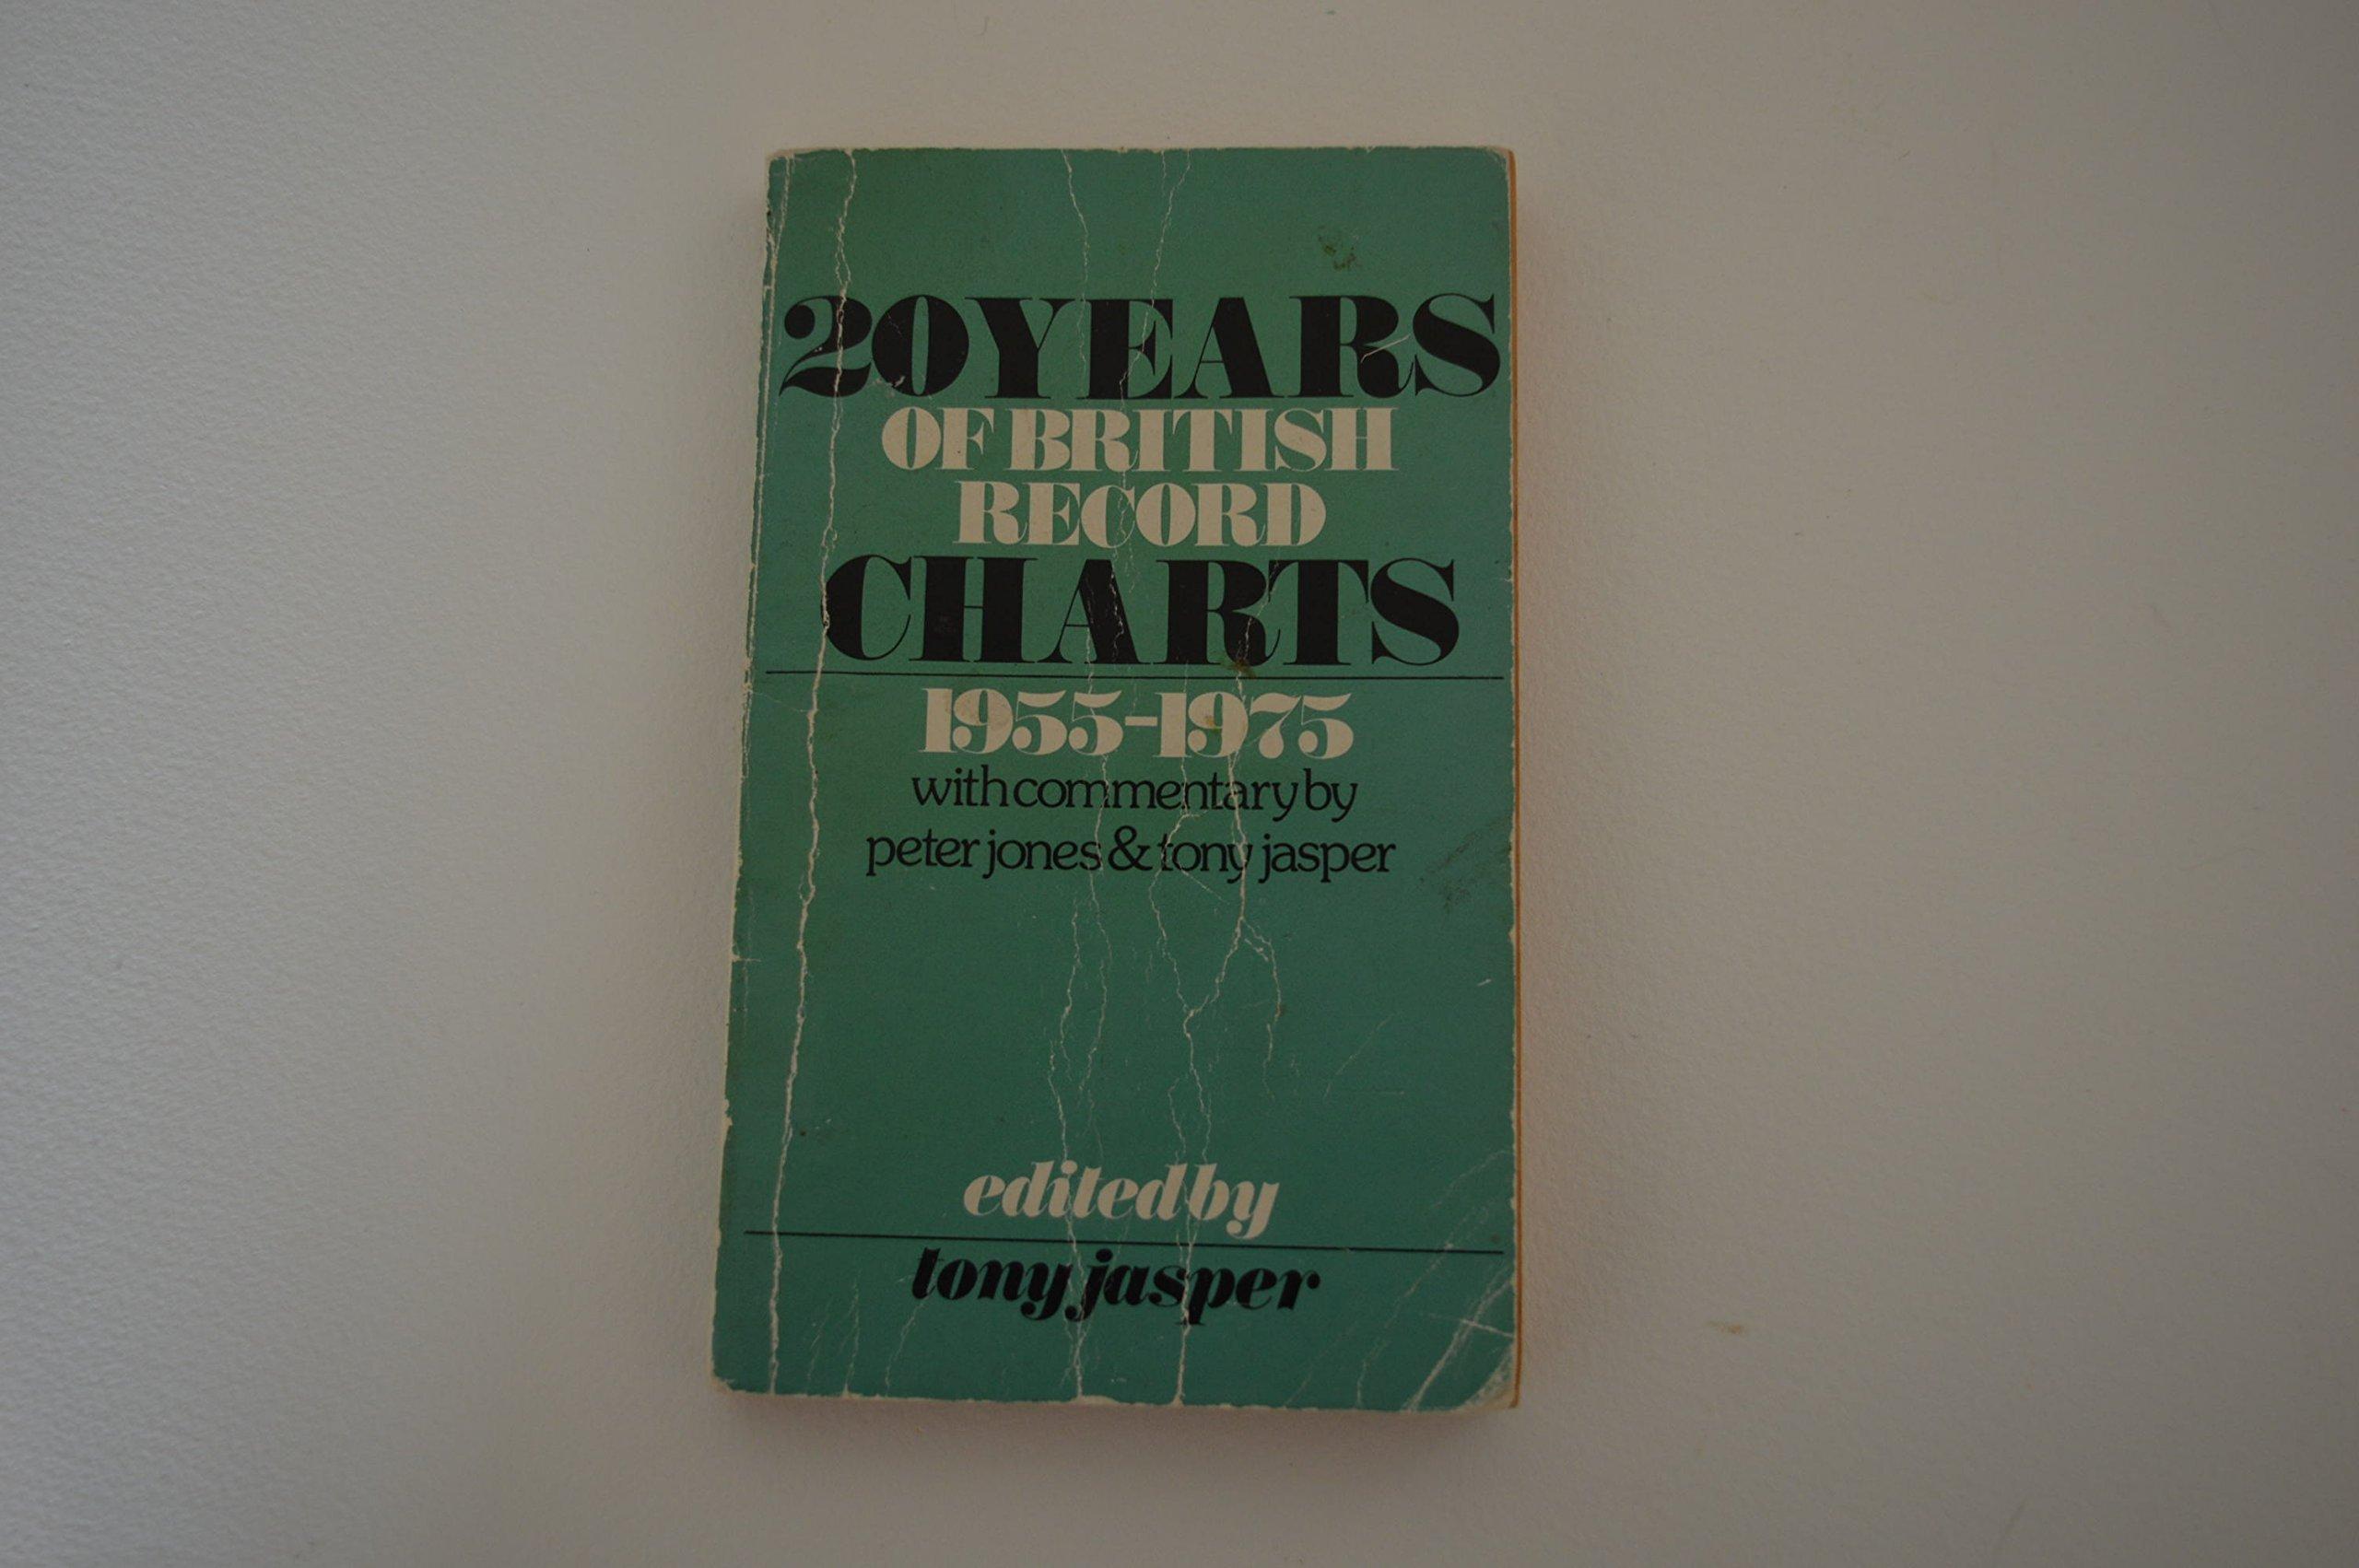 20 years of british record charts 1955 75